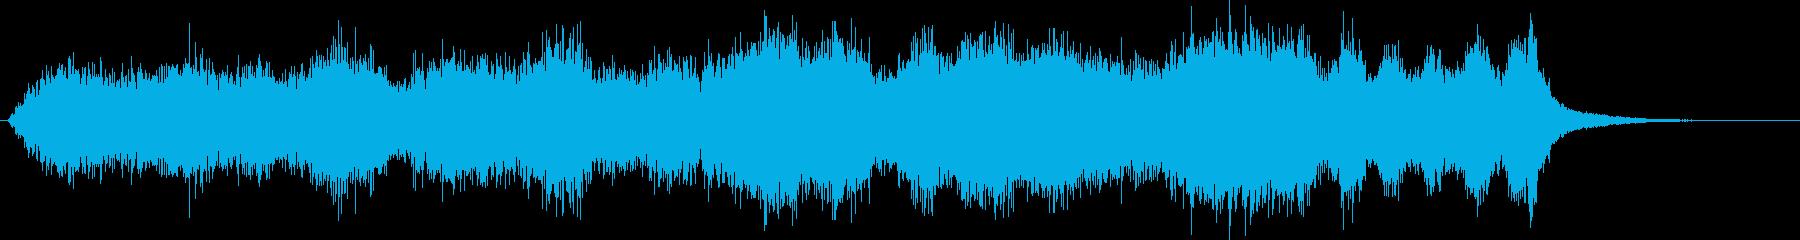 異次元の世界に迷い込んだようなBGMの再生済みの波形